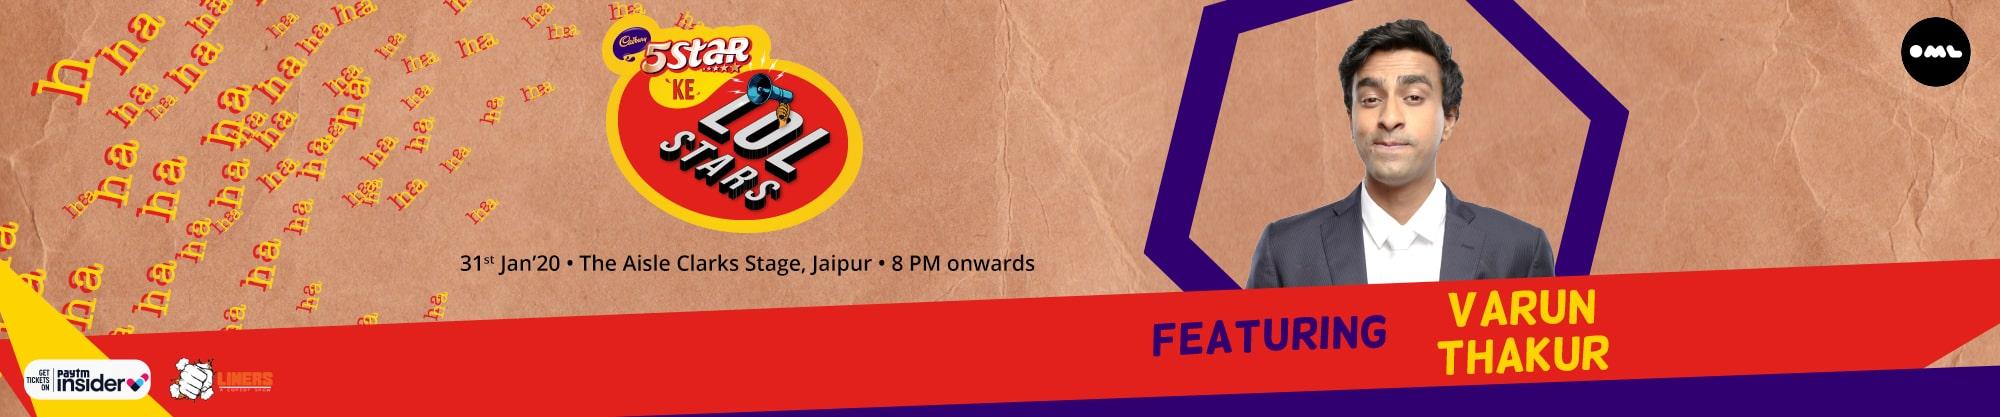 Varun Thakur | Jaipur